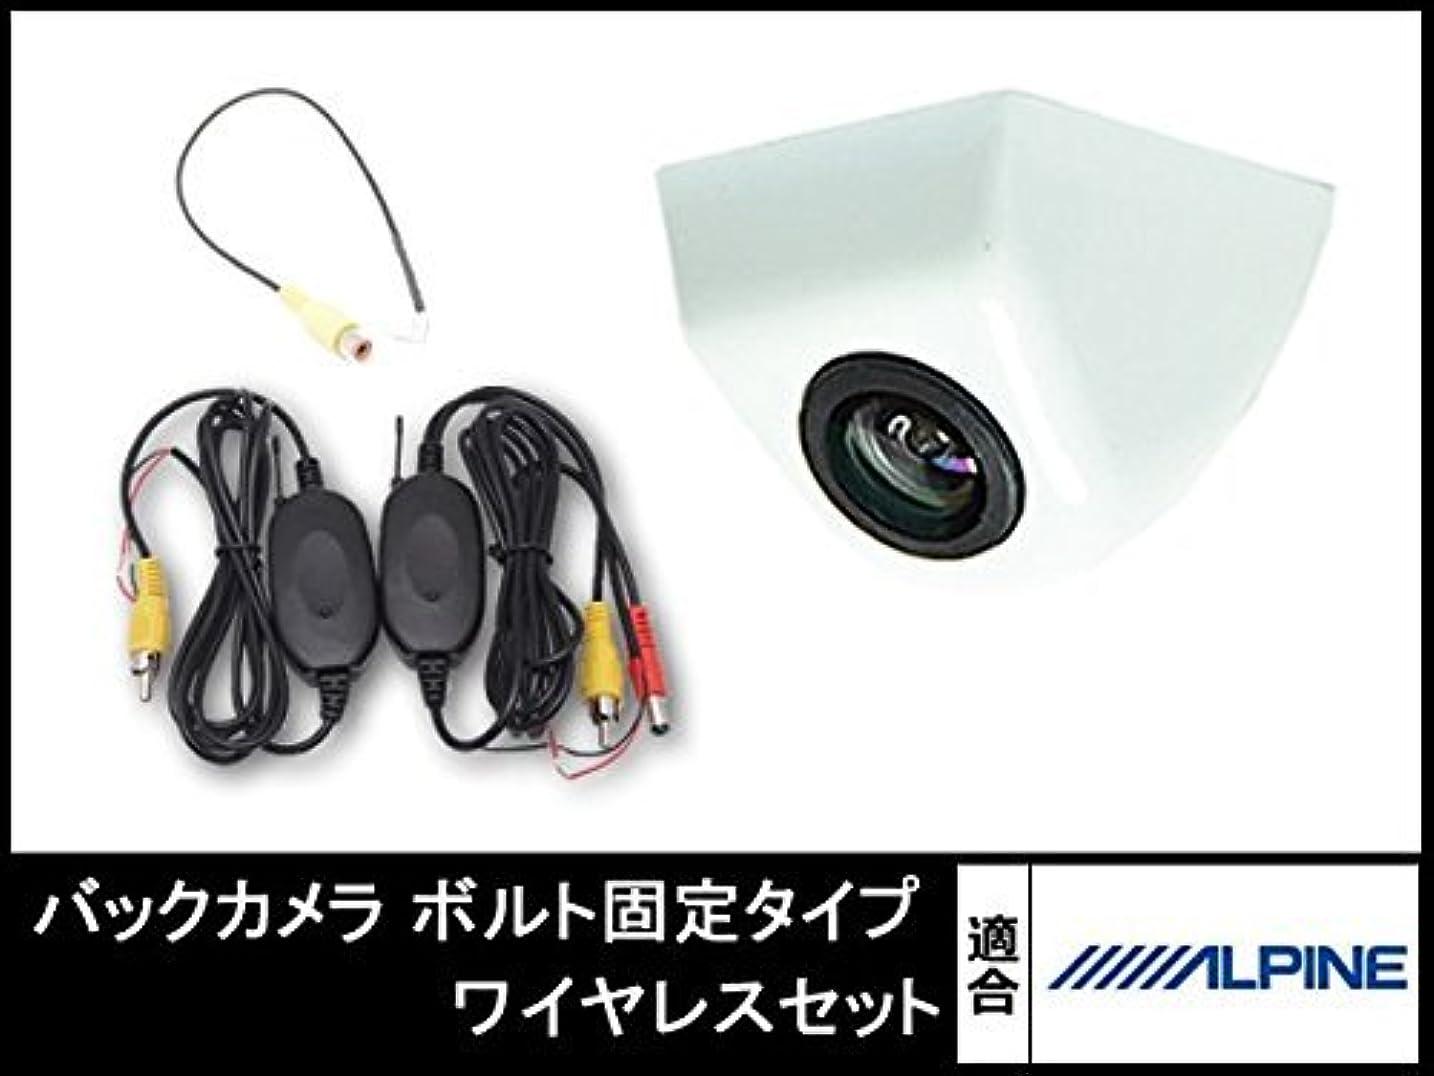 したがって穴農村ワゴンR スティングレー 専用設計ナビ X008V-WS2 対応 高画質 バックカメラ ボルト固定タイプ ホワイト 車載用 広角170° 超高精細 CMOS センサー 【ワイヤレスキット付】